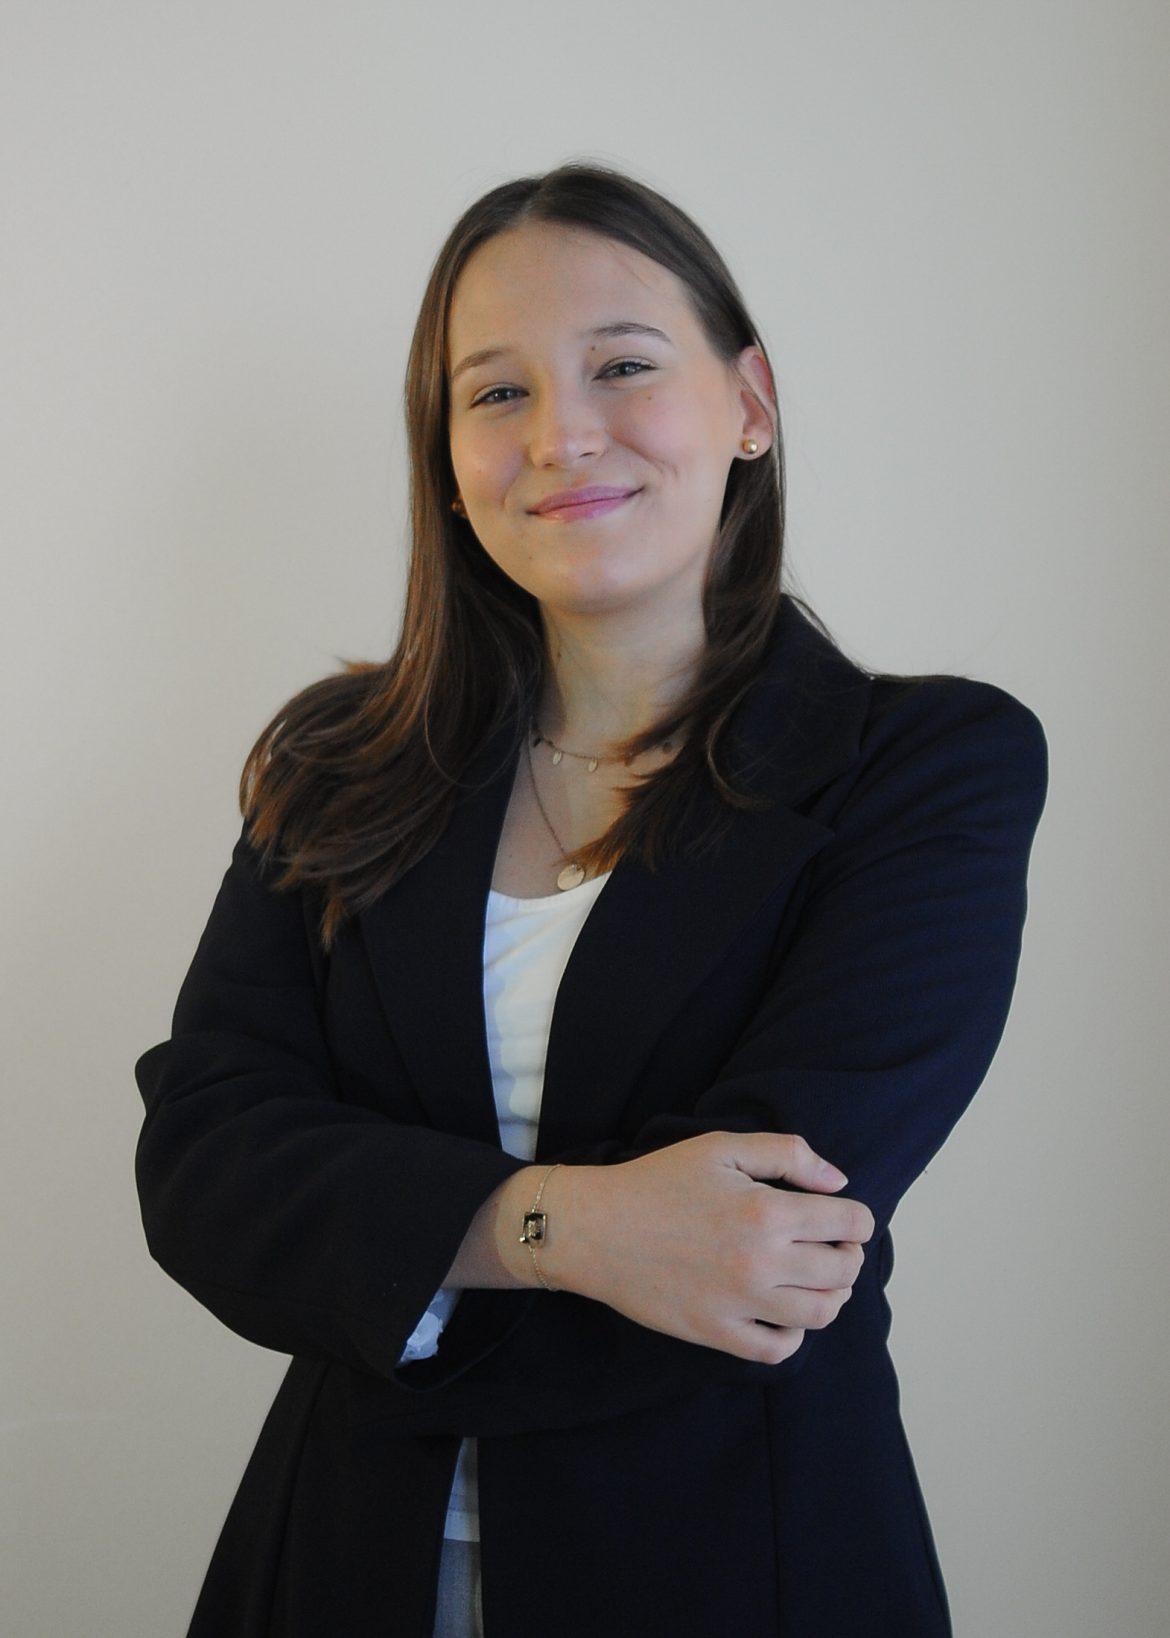 Joana Pinho